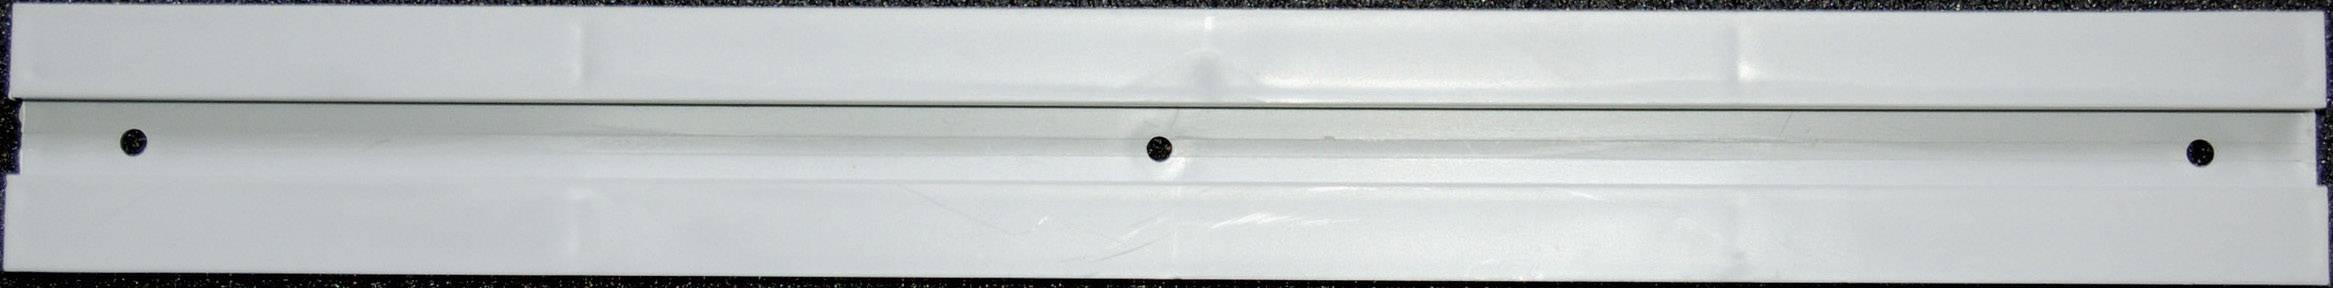 Profilová lišta WeroPlast 2200, (d x š x v) 400 x 47 x 12 mm